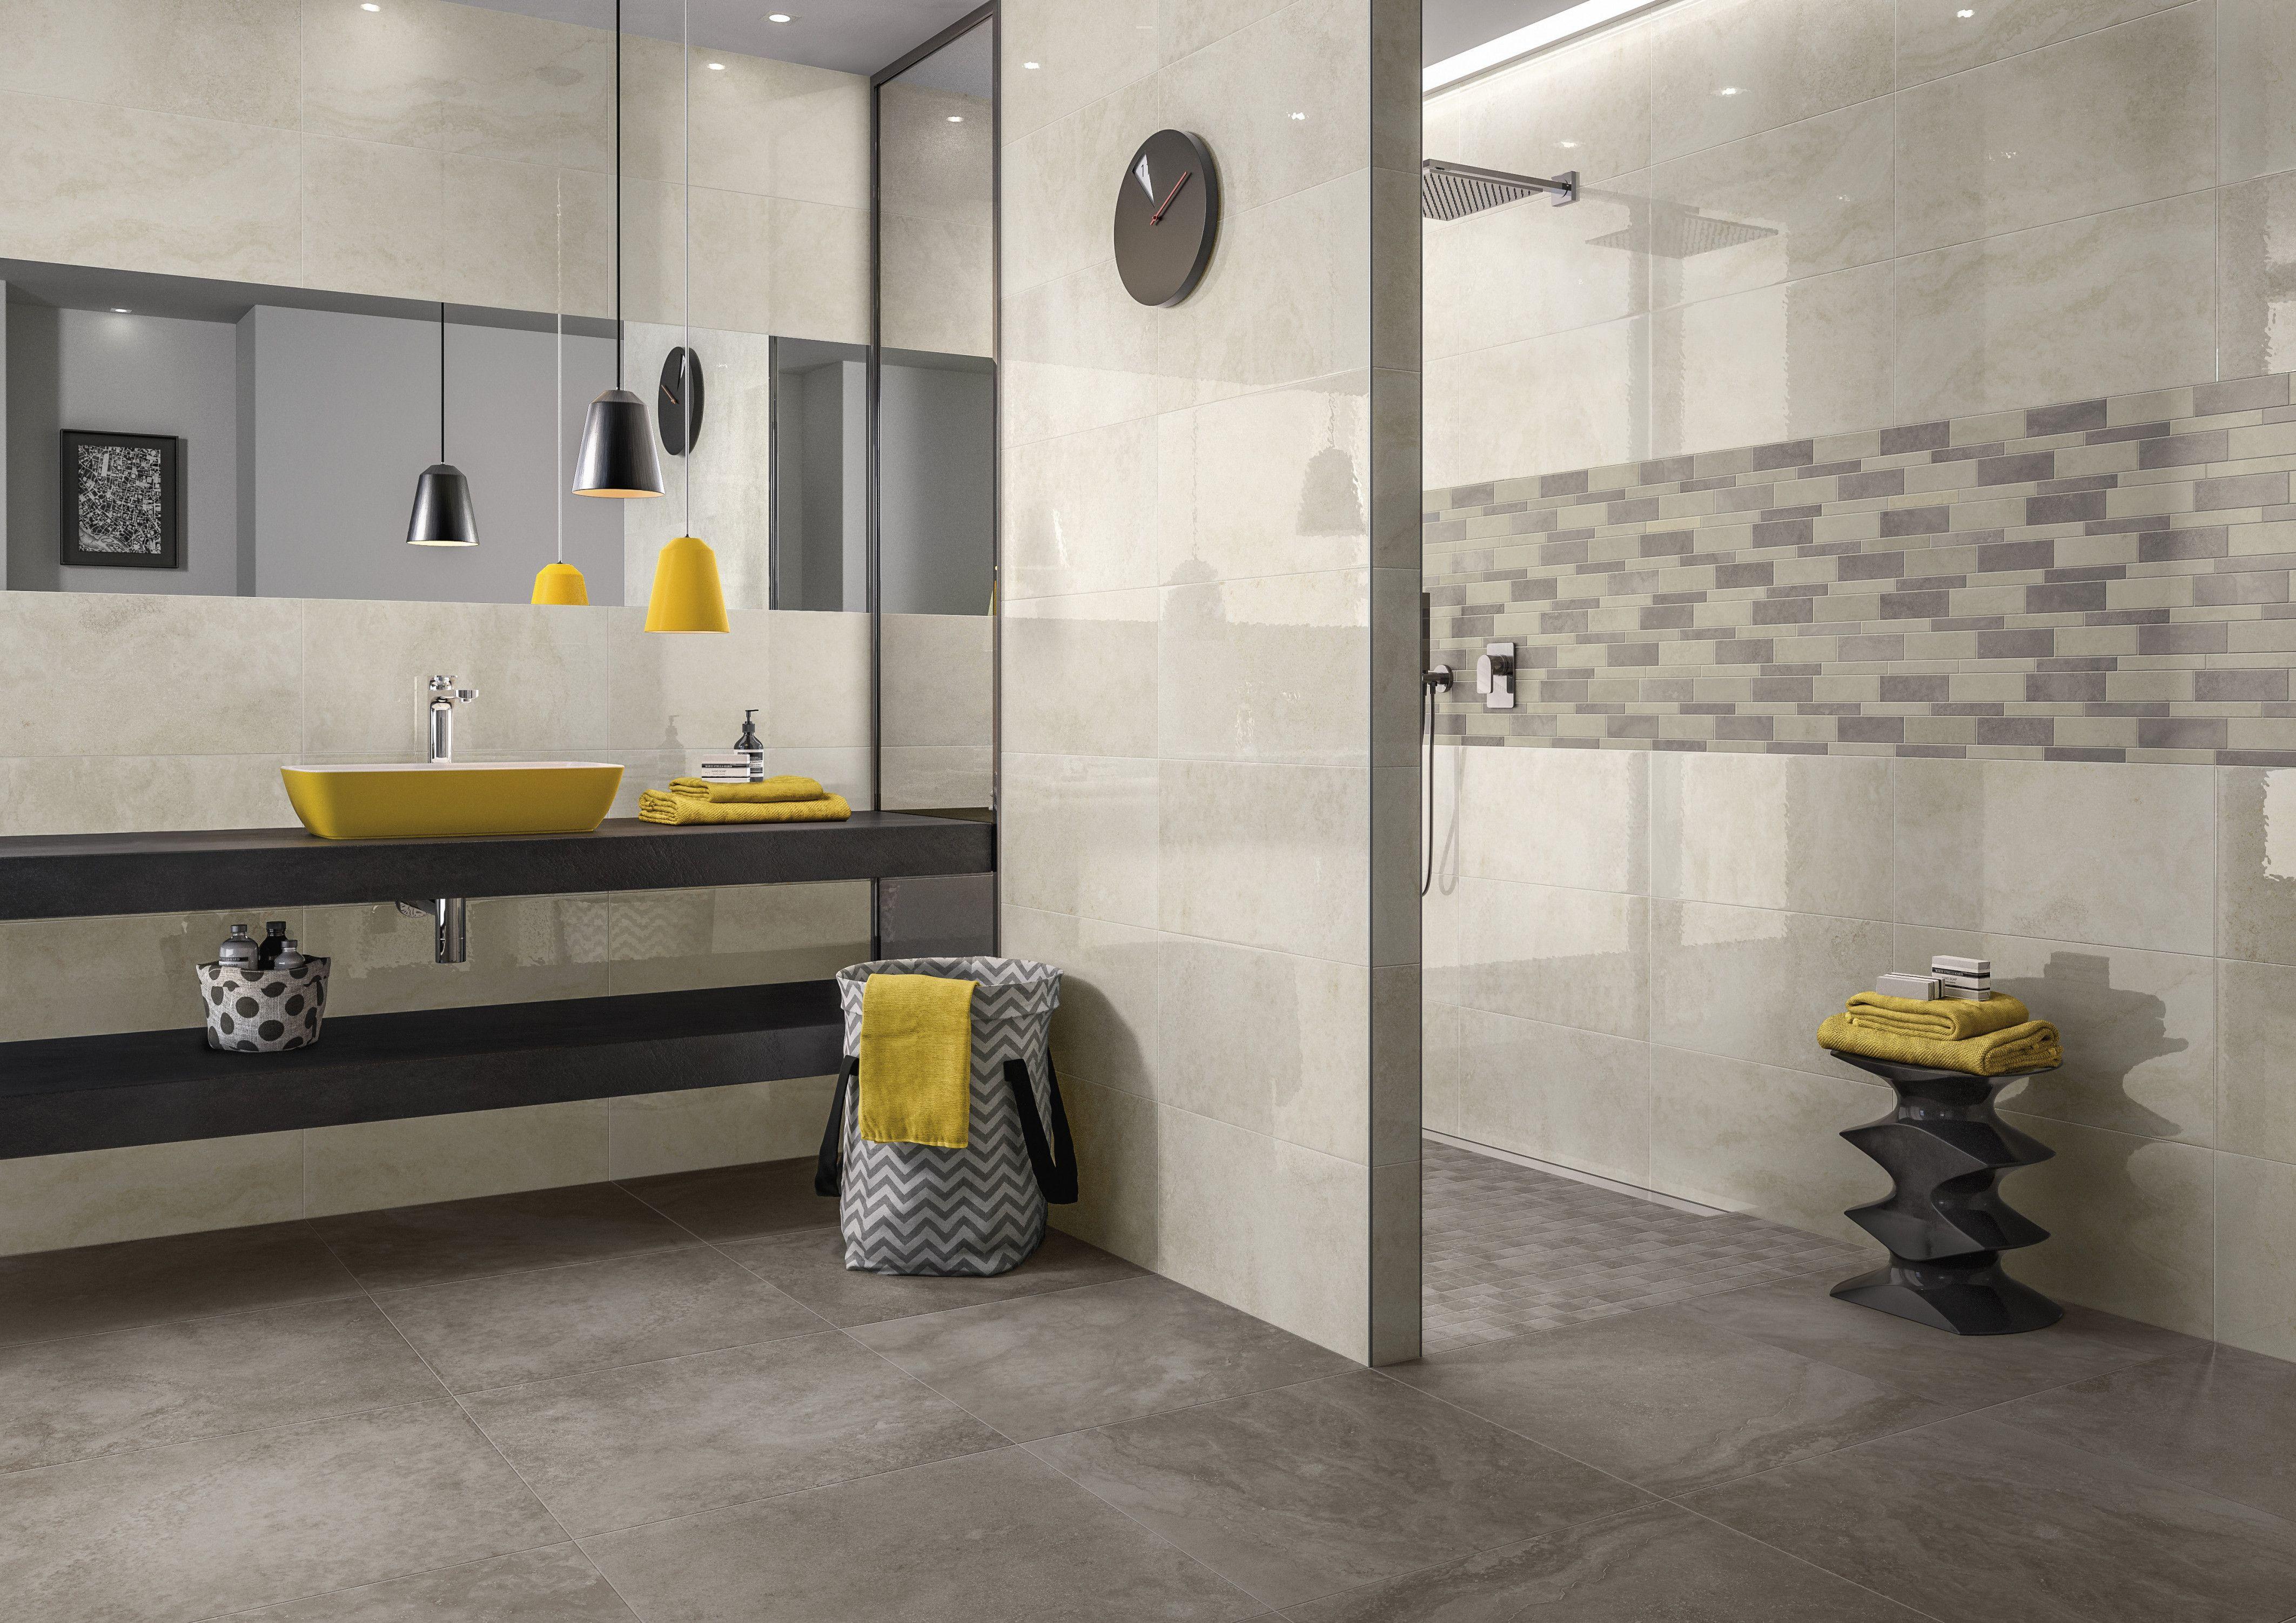 Badezimmertrends 2020 Badtrends Von Schone Badezimmer Fliesen Bild Badezimmer Fliesen Badezimmer Trends Bad Fliesen Ideen